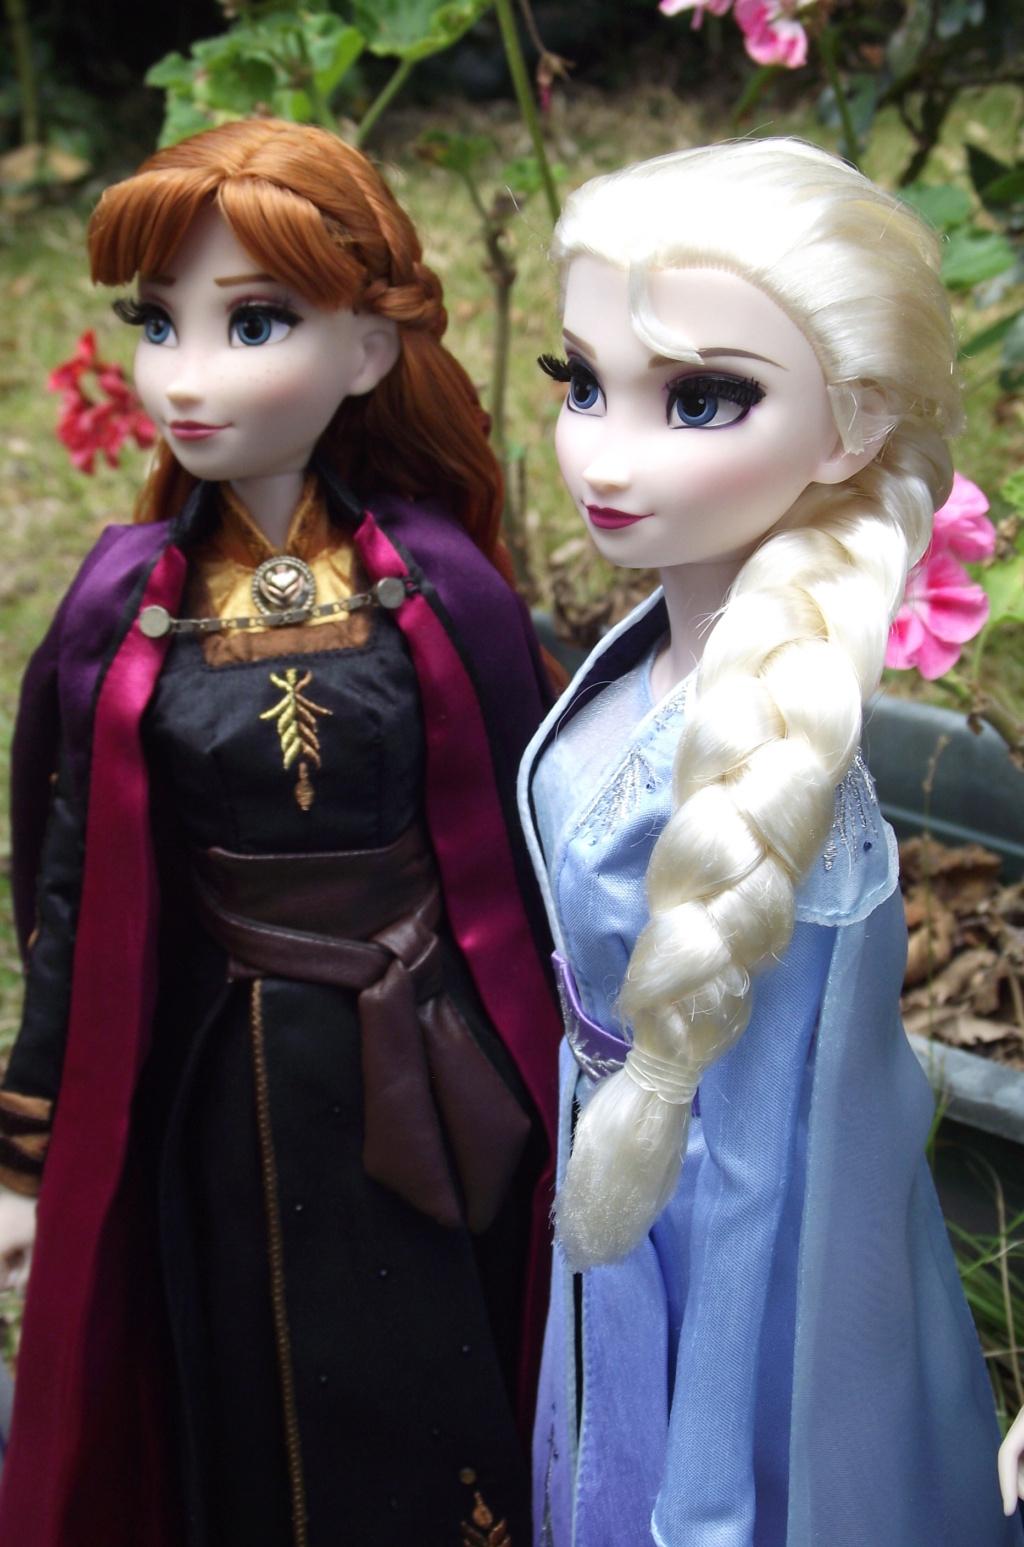 Nos poupées LE en photo : Pour le plaisir de partager - Page 27 Dscf3620